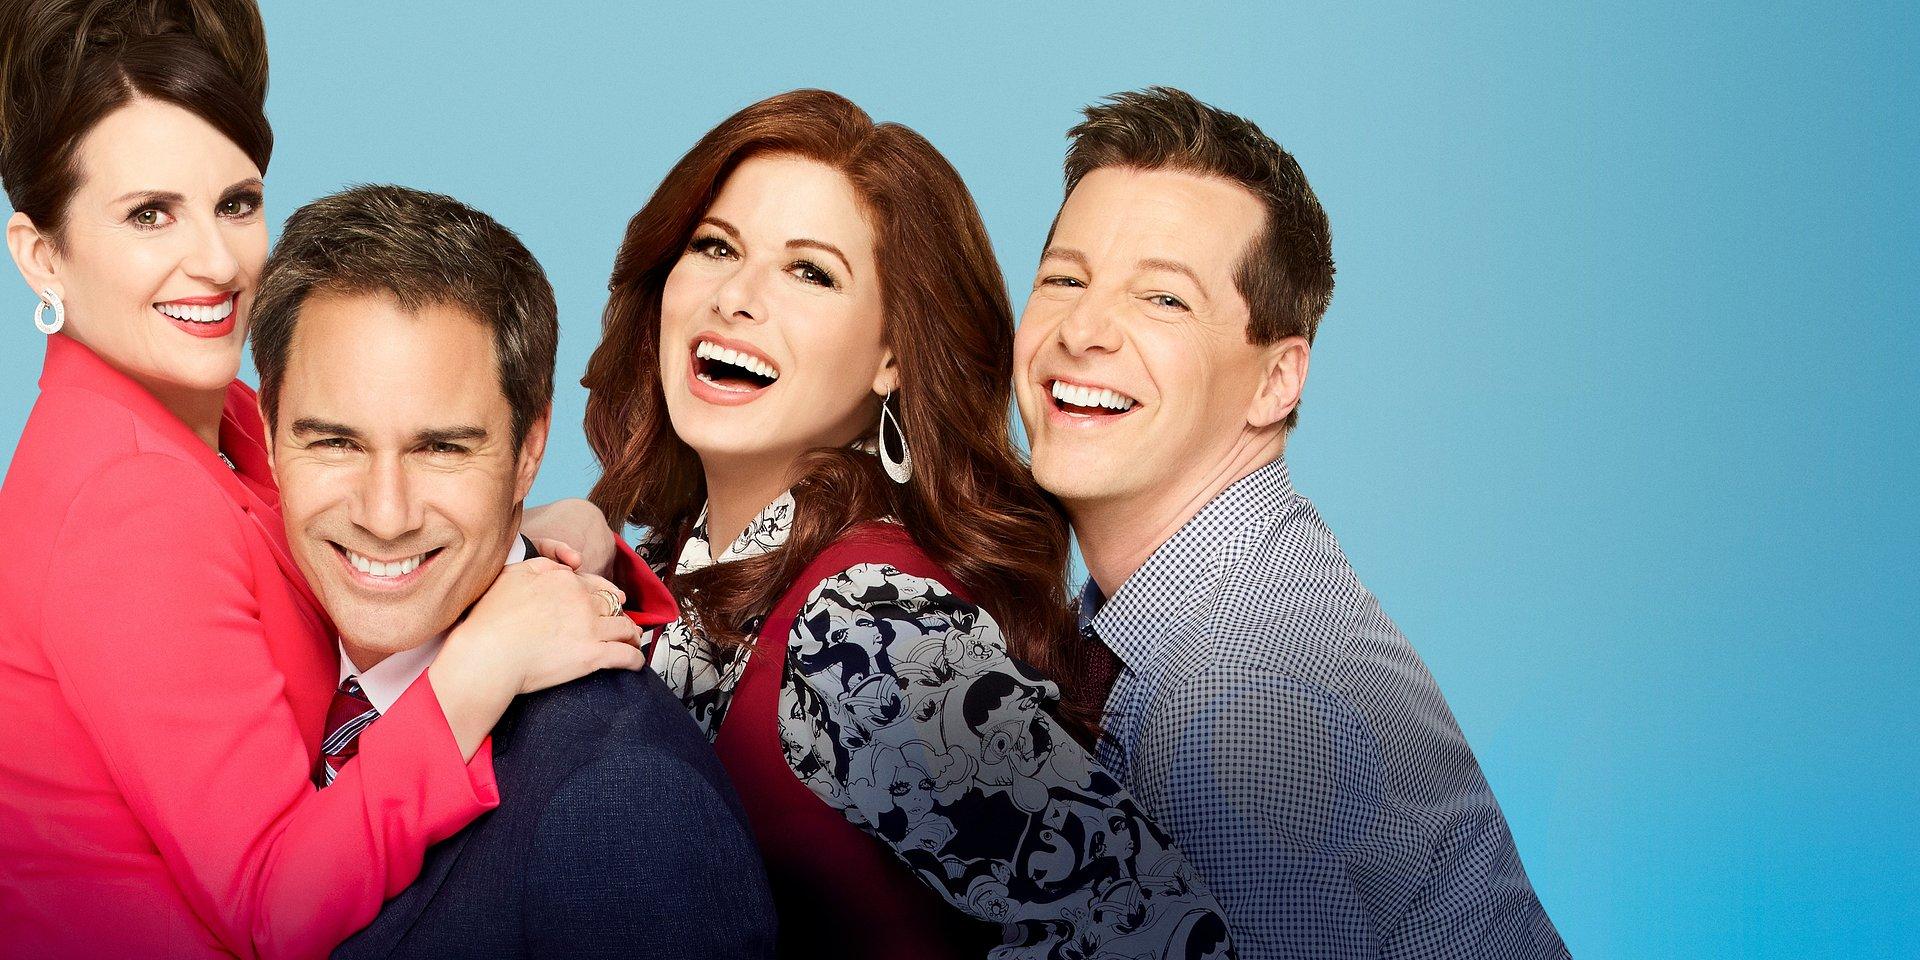 Wielki powrót czwórki przyjaciół! 10. sezon Willa i Grace już niedługo na FOX Comedy!